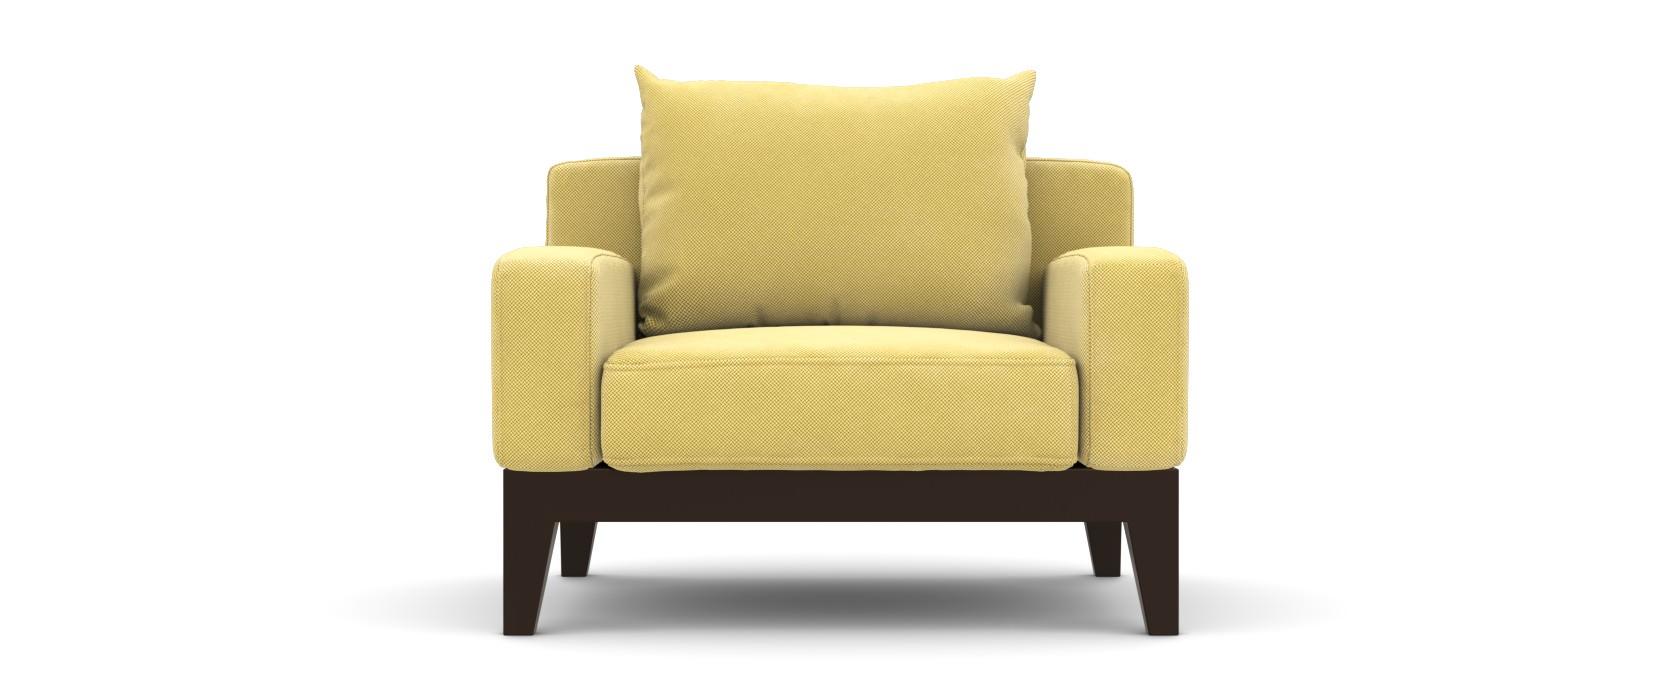 Кресло Antonio - Pufetto